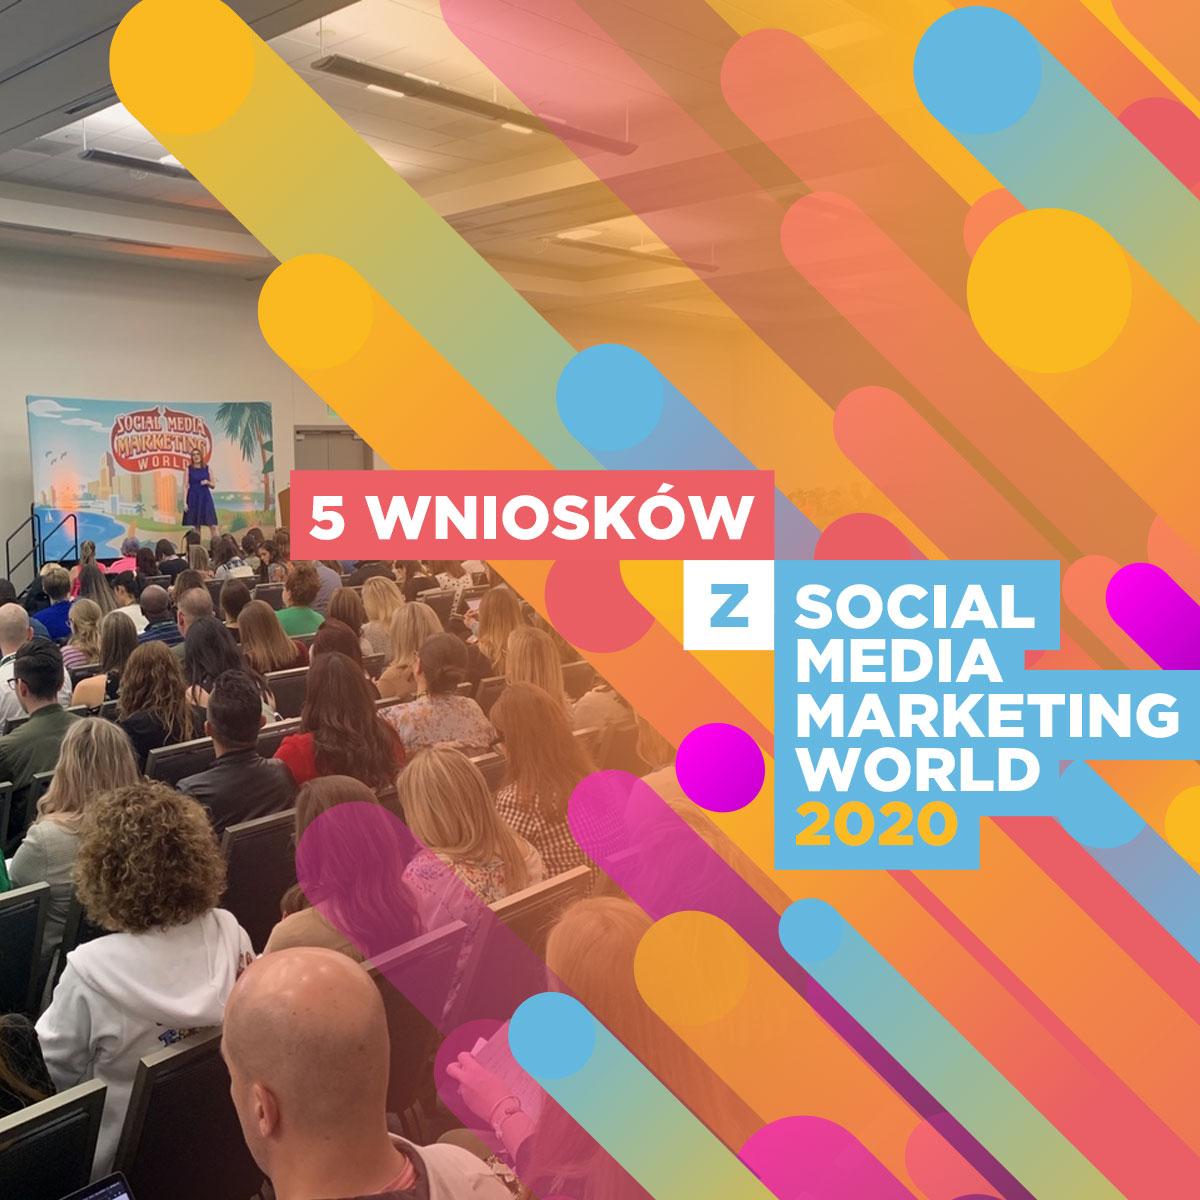 5 wniosków z Social Media Marketing World 2020